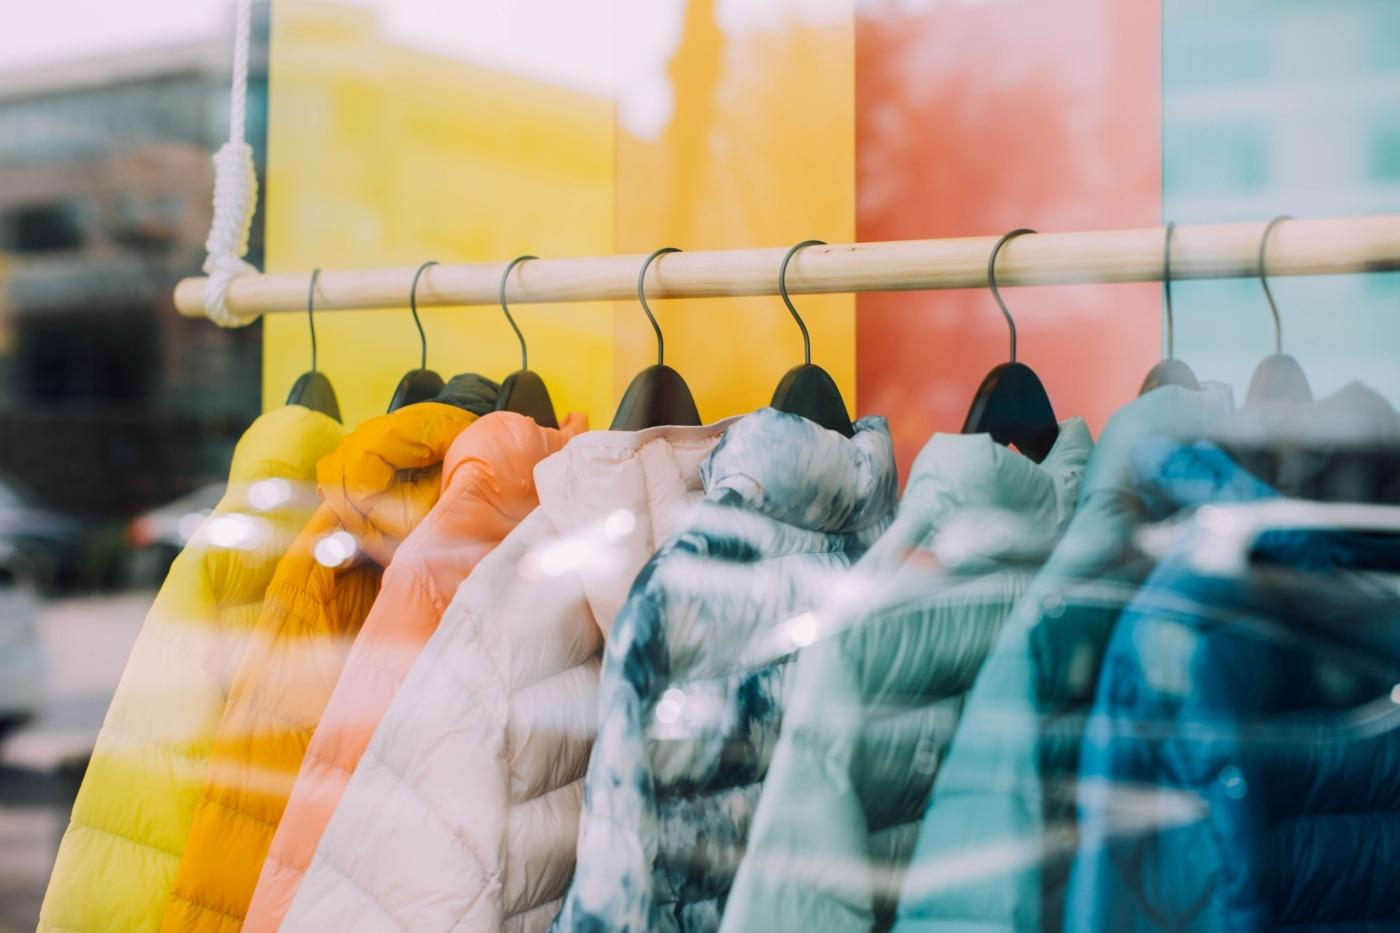 Clothing rack / Image: Unsplash